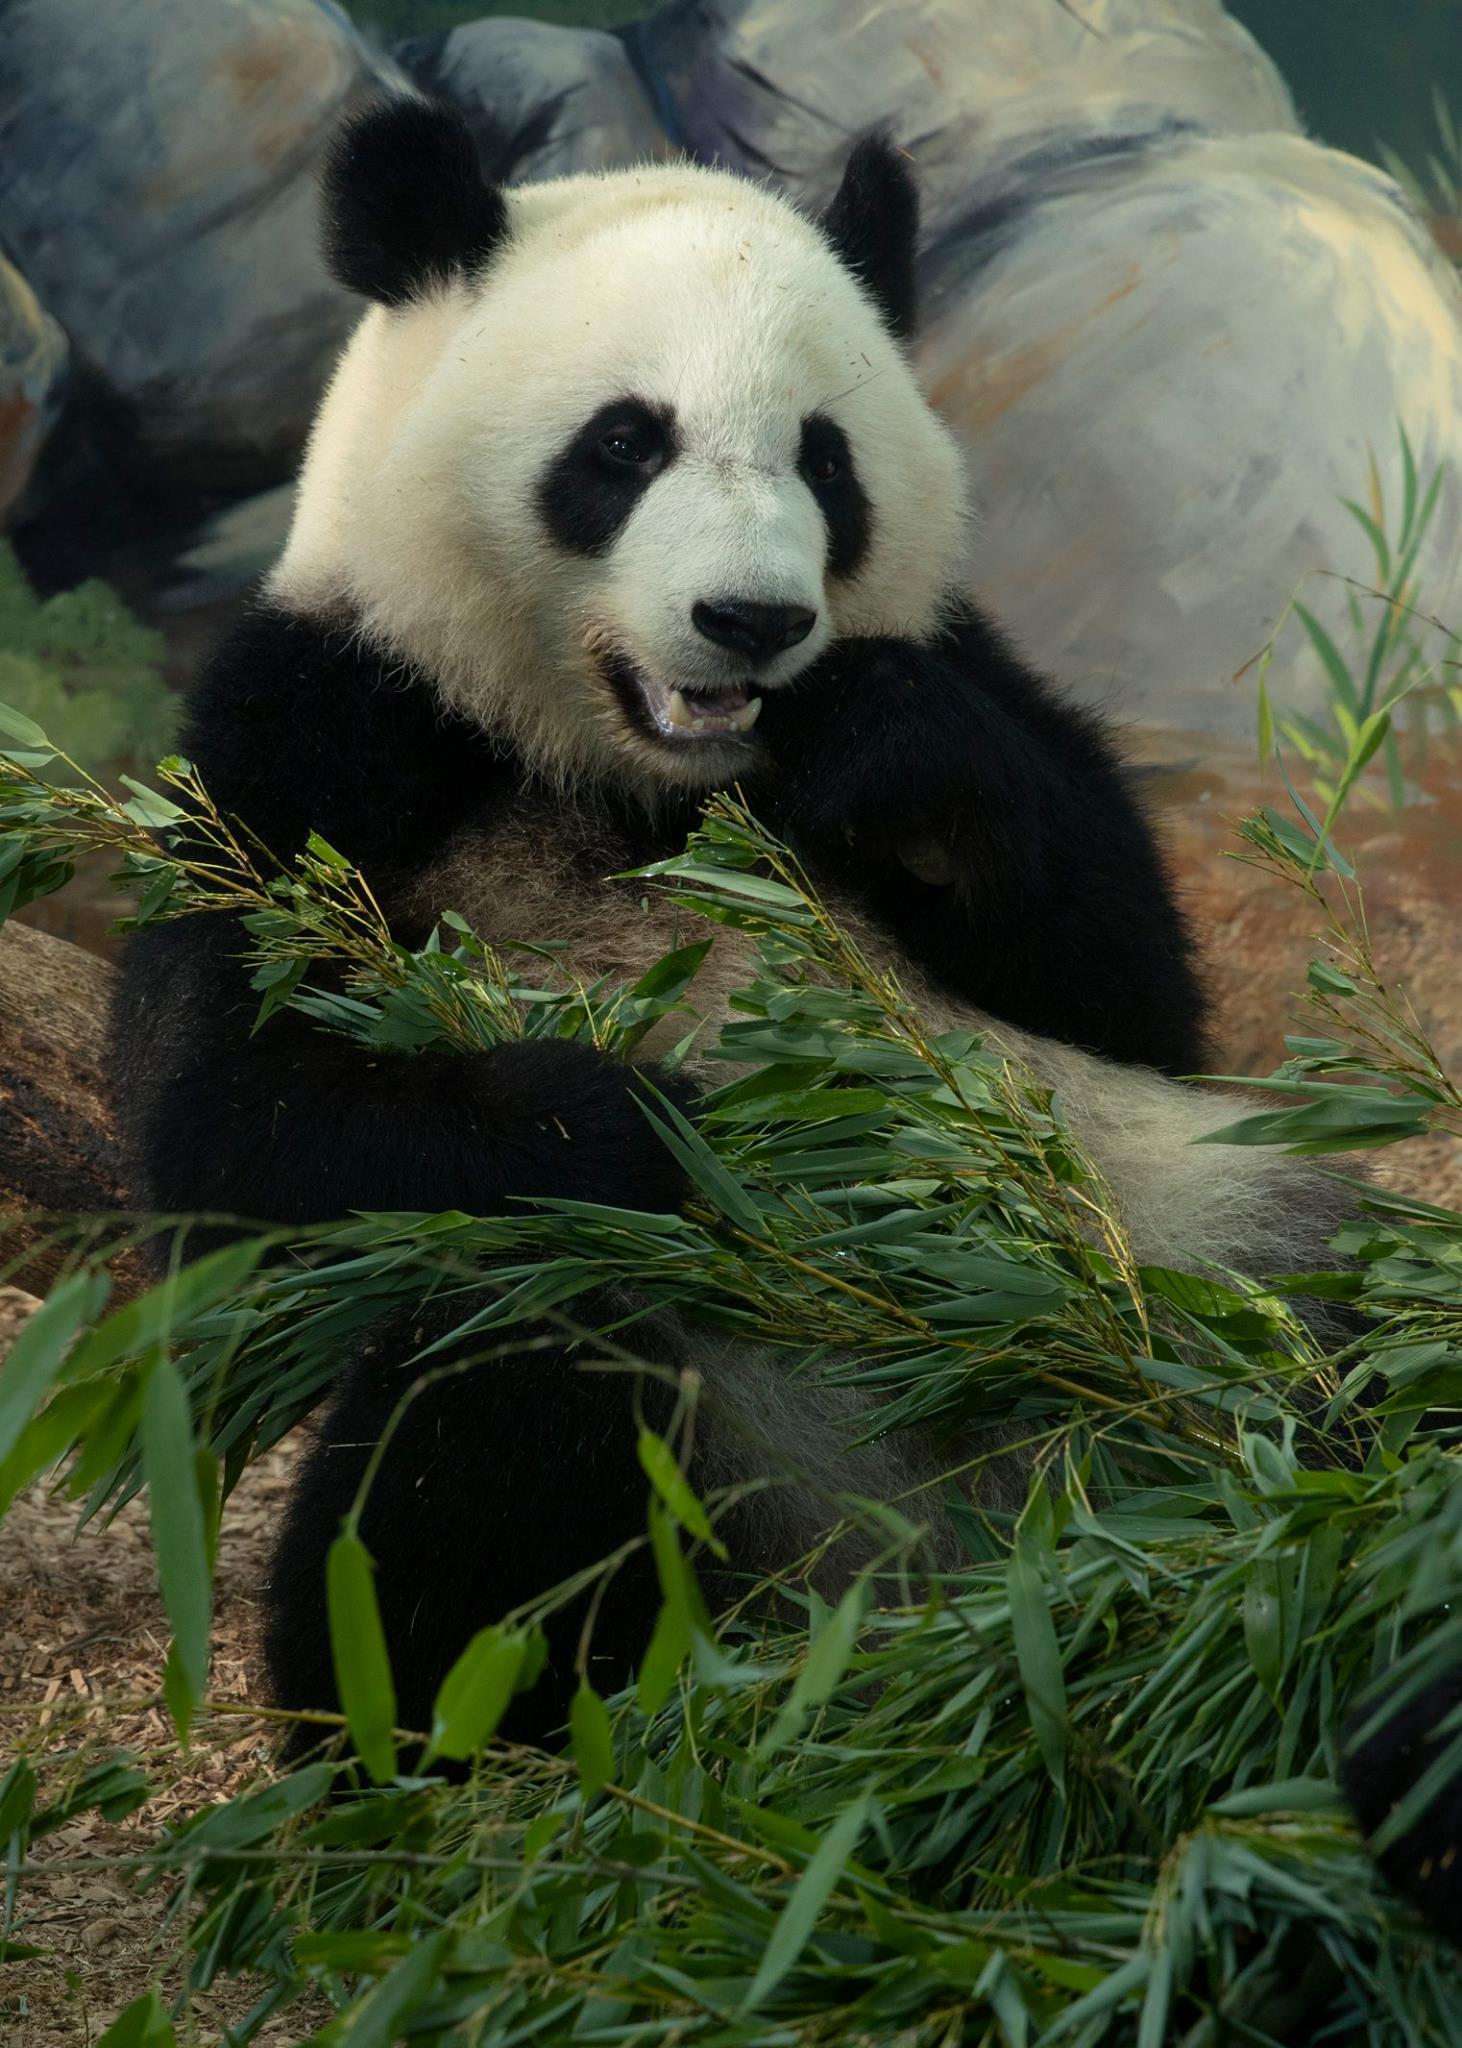 Image: Zoo Atlanta/Facebook